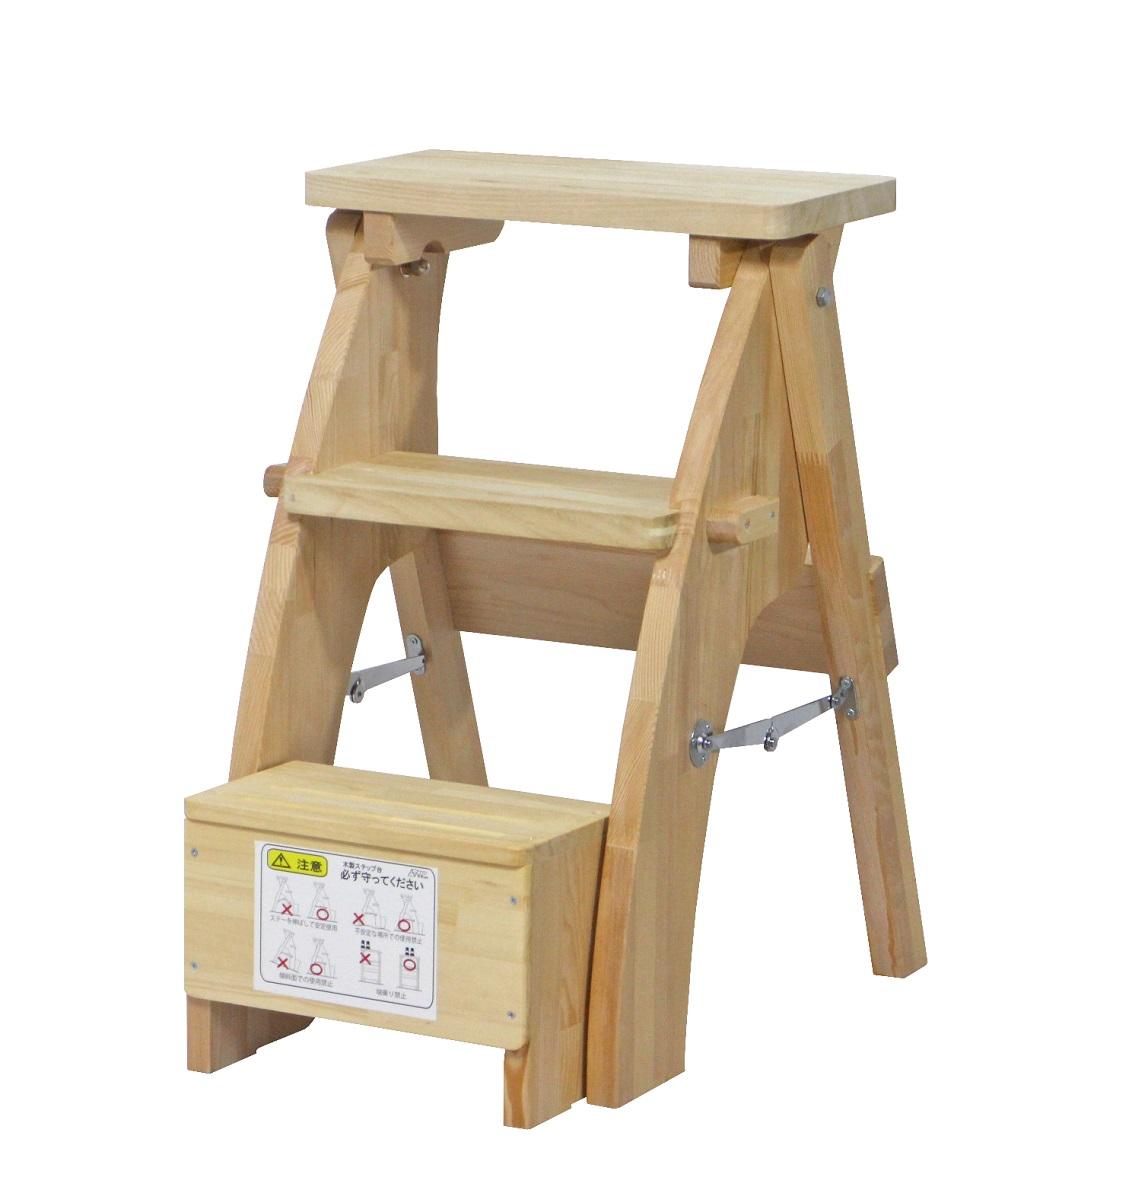 踏み台 ステップ台 折りたたみ 3段 昇降 木製 脚立 いす 高さ61cm 送料無料